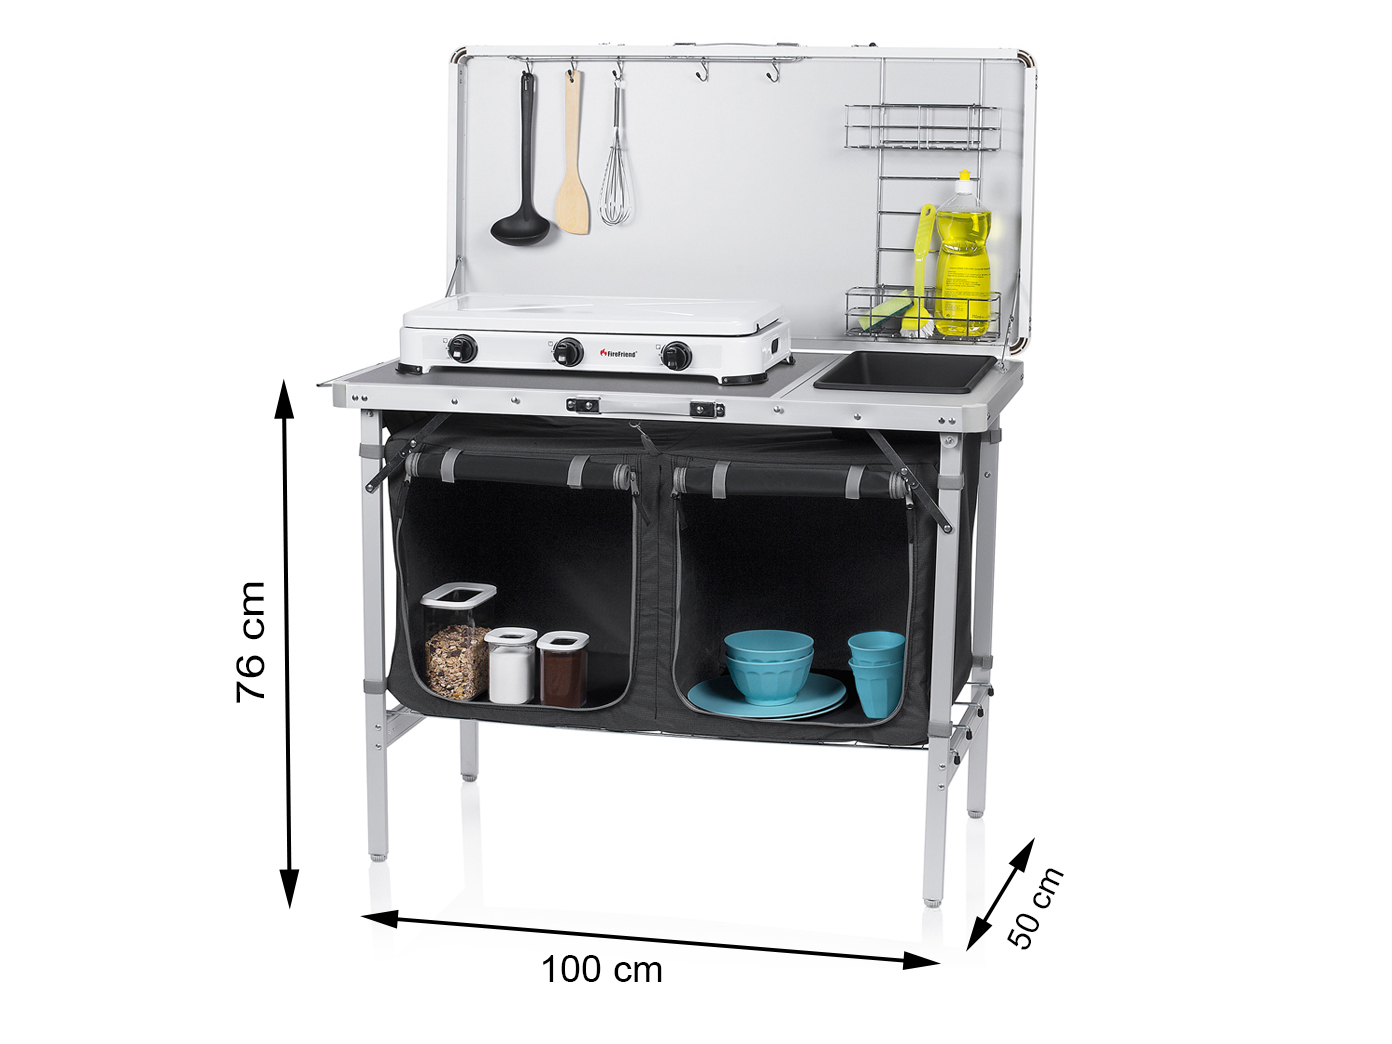 Full Size of Mobile Outdoor Küche 5ba2d0361ea08 Kaufen Ikea Poco Vorratsschrank Kosten Miele Wasserhahn Mini Planen Kostenlos Gardinen Waschbecken Aufbewahrungssystem Für Wohnzimmer Mobile Outdoor Küche